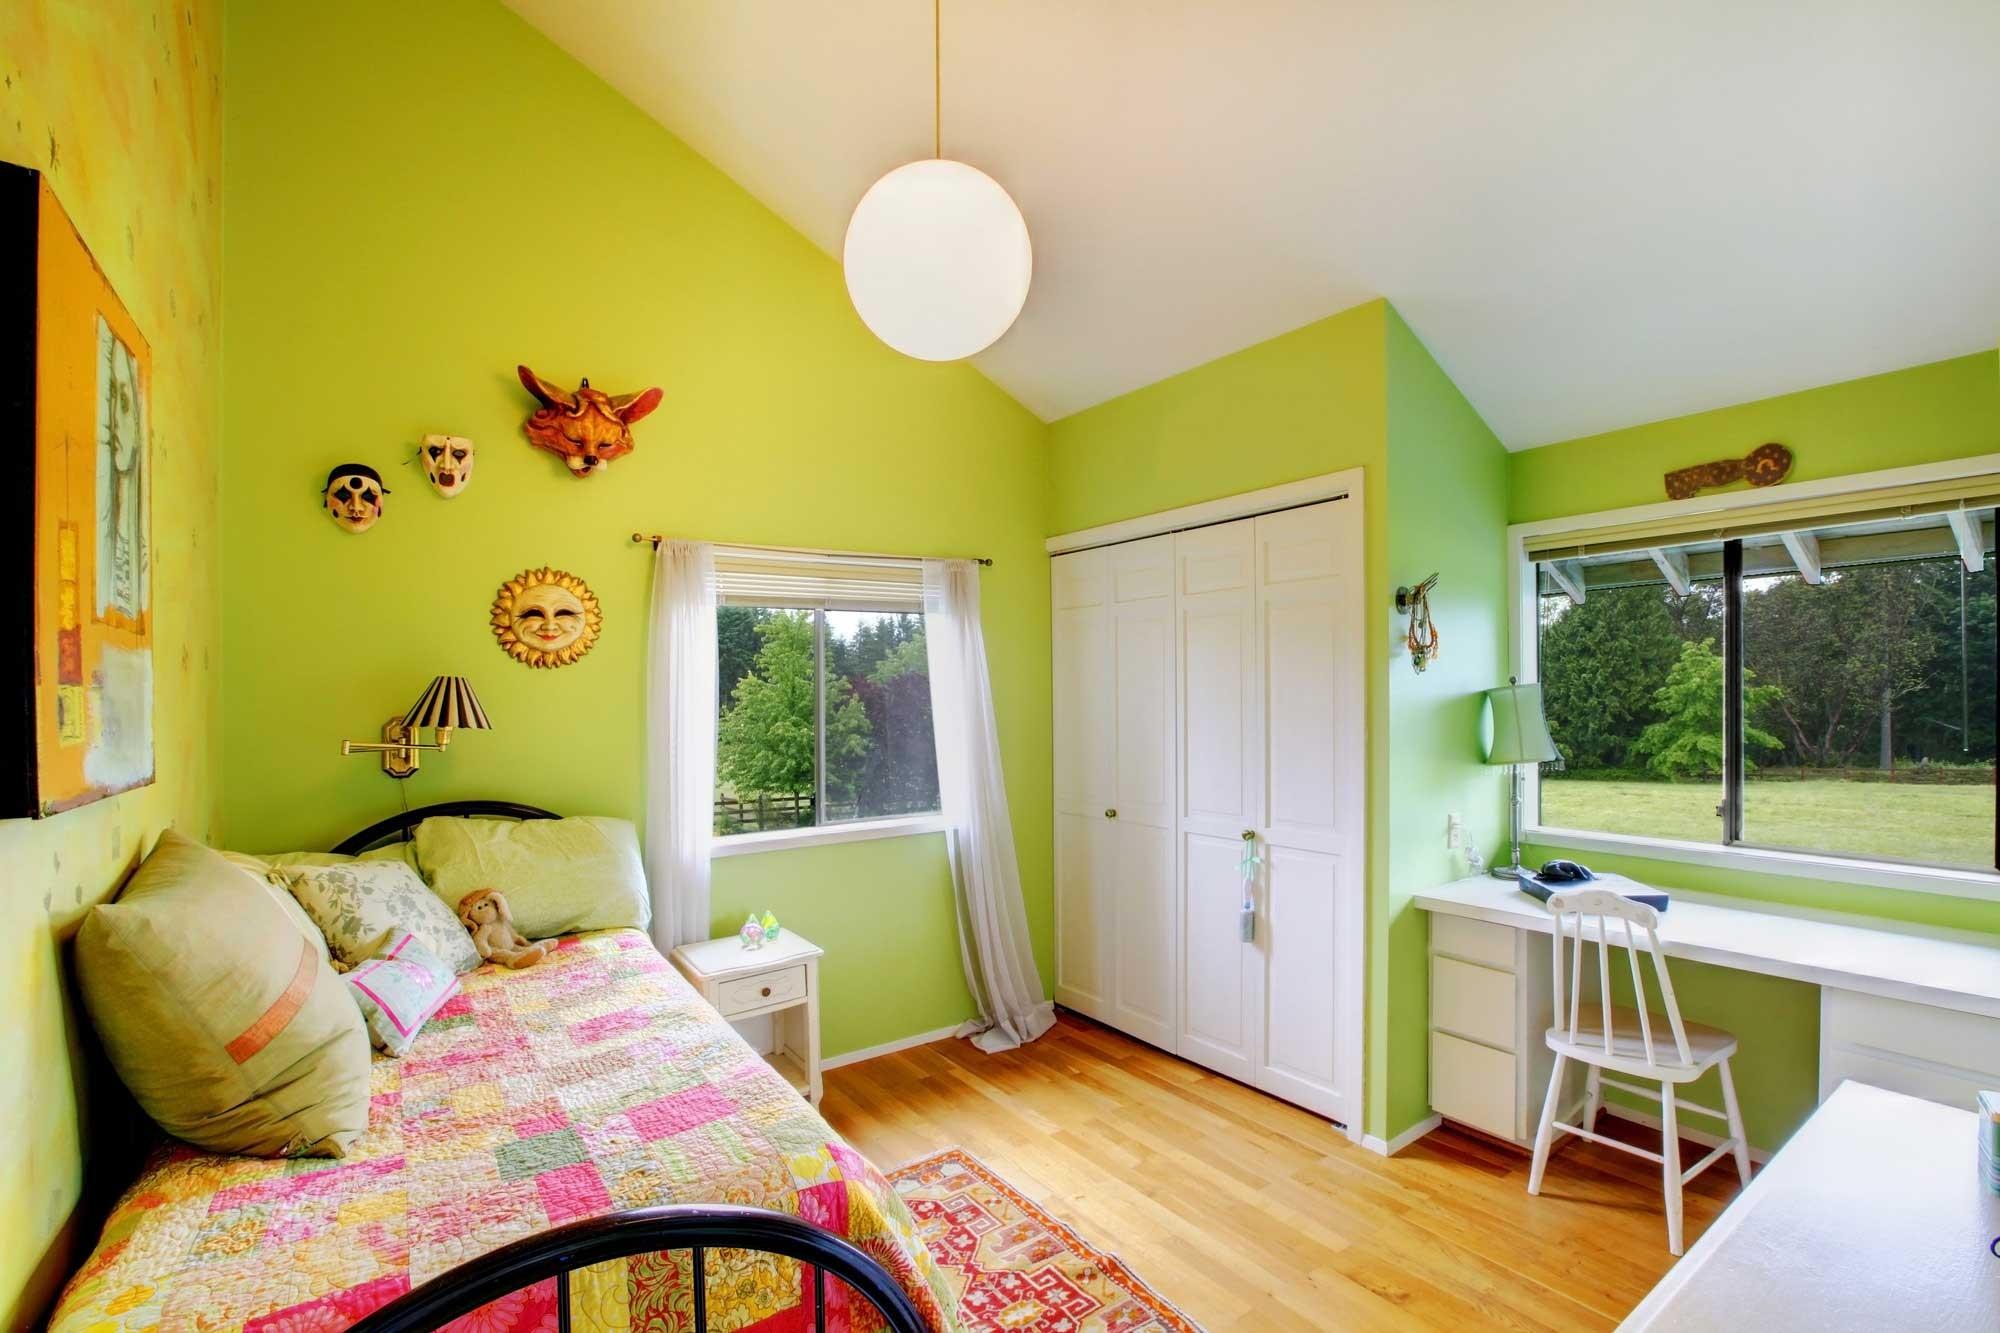 ألوان دهانات مناسبة لغرف أطفال بنات-غرفة بنات